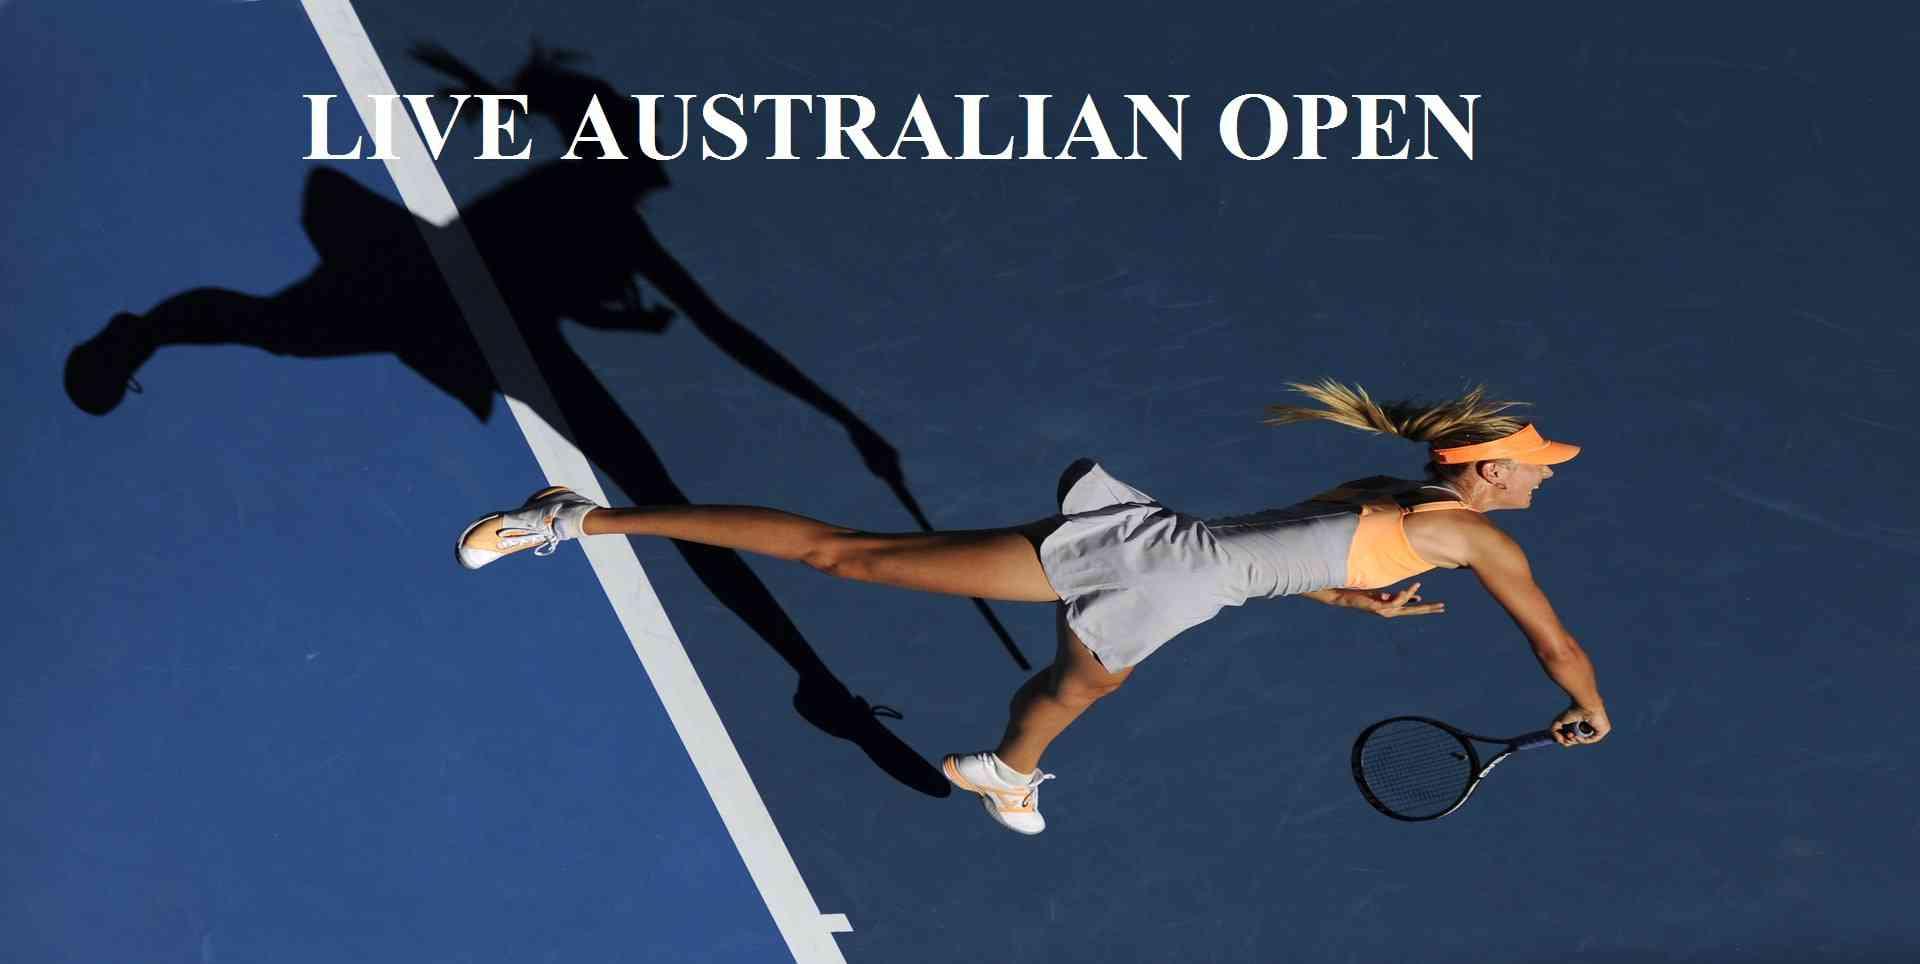 Watch Australian Open Tennis 2018 Finals Live